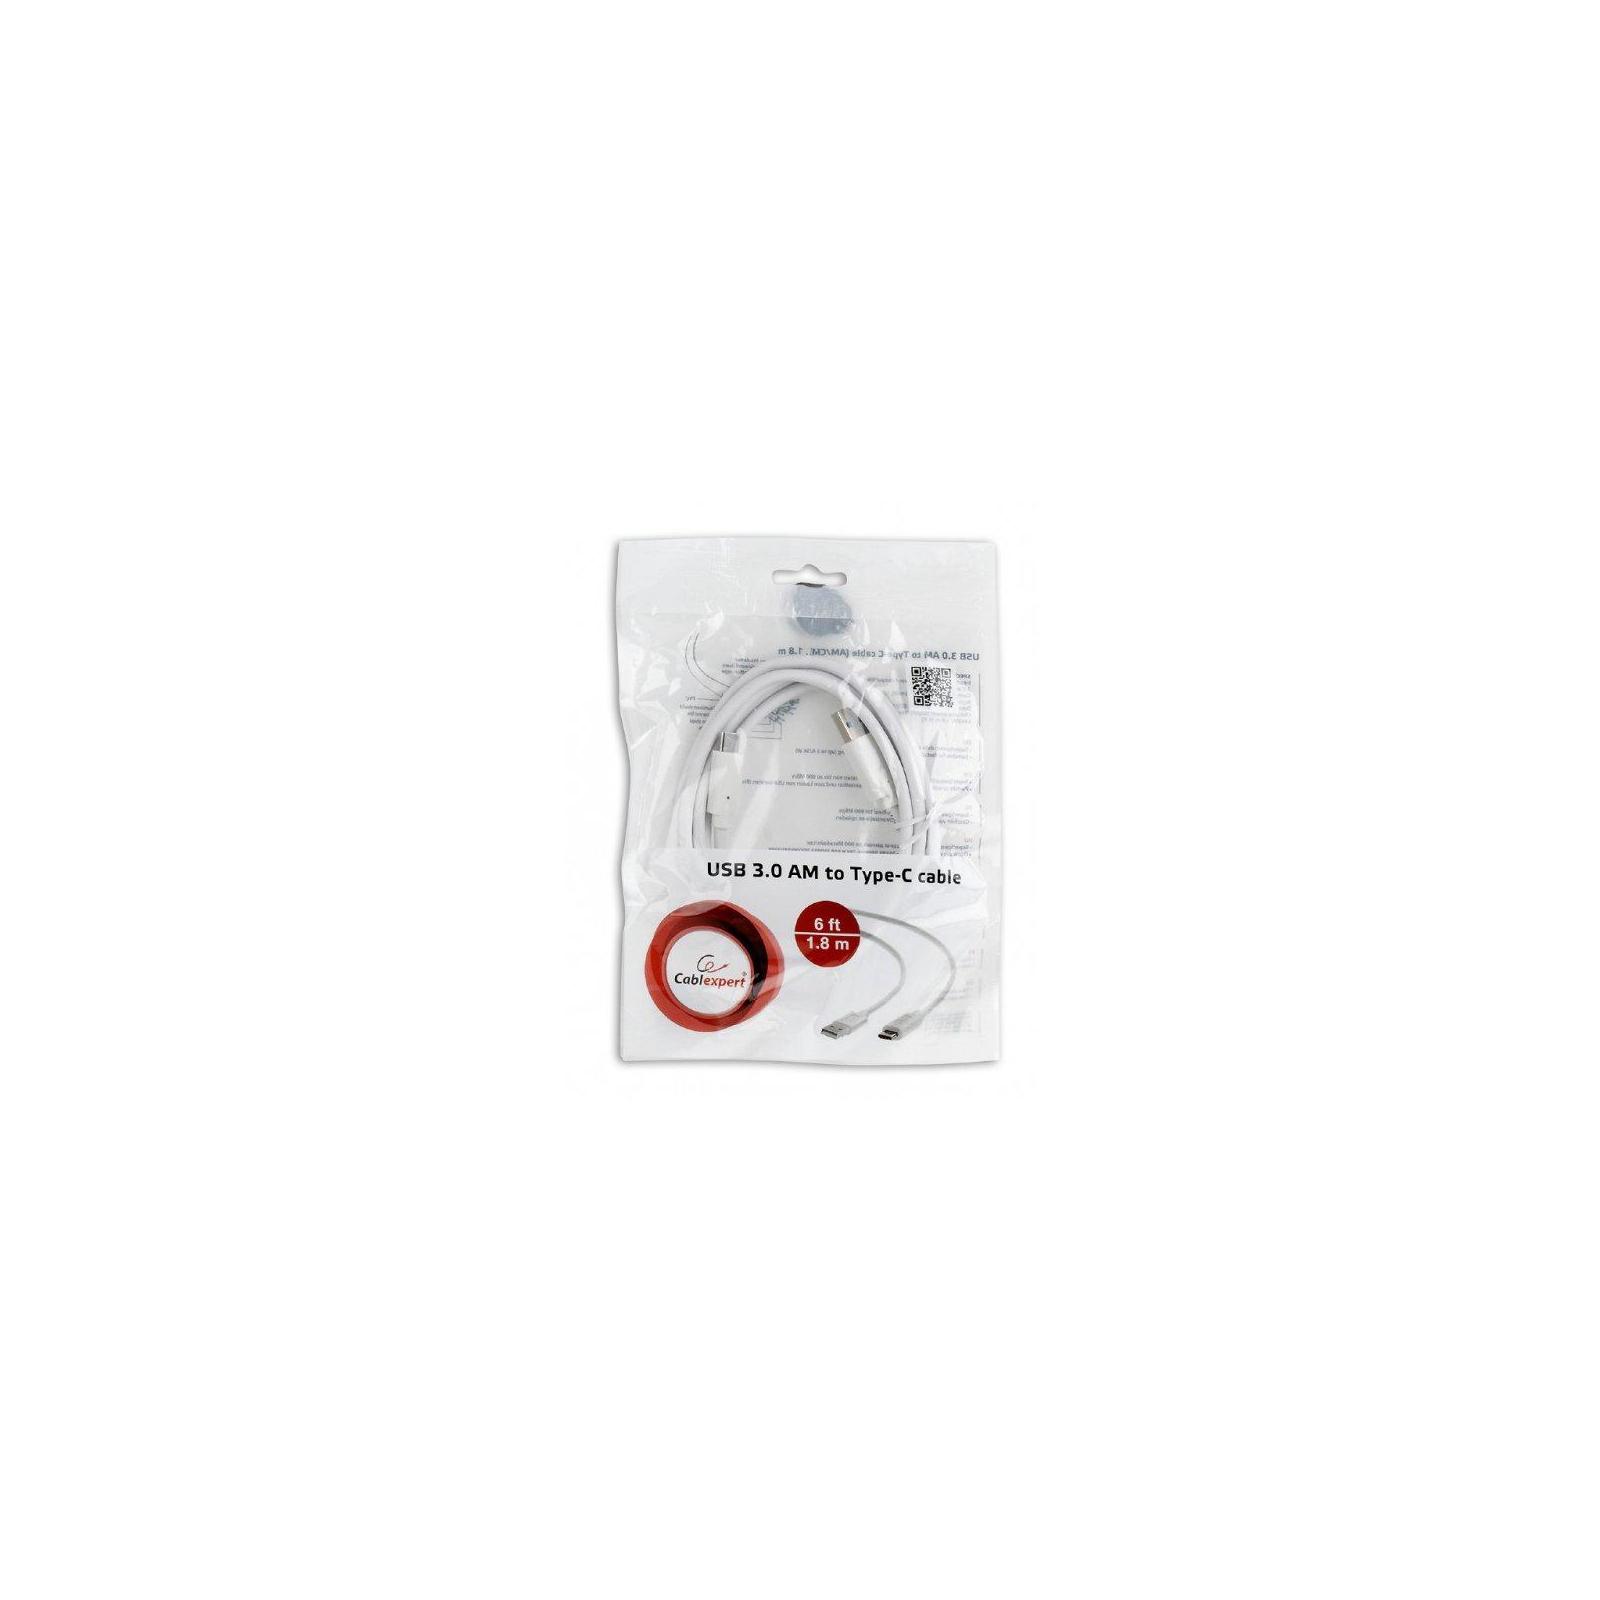 Дата кабель USB 3.0 AM to Type-C 1.8m Cablexpert (CCP-USB3-AMCM-6-W) изображение 4